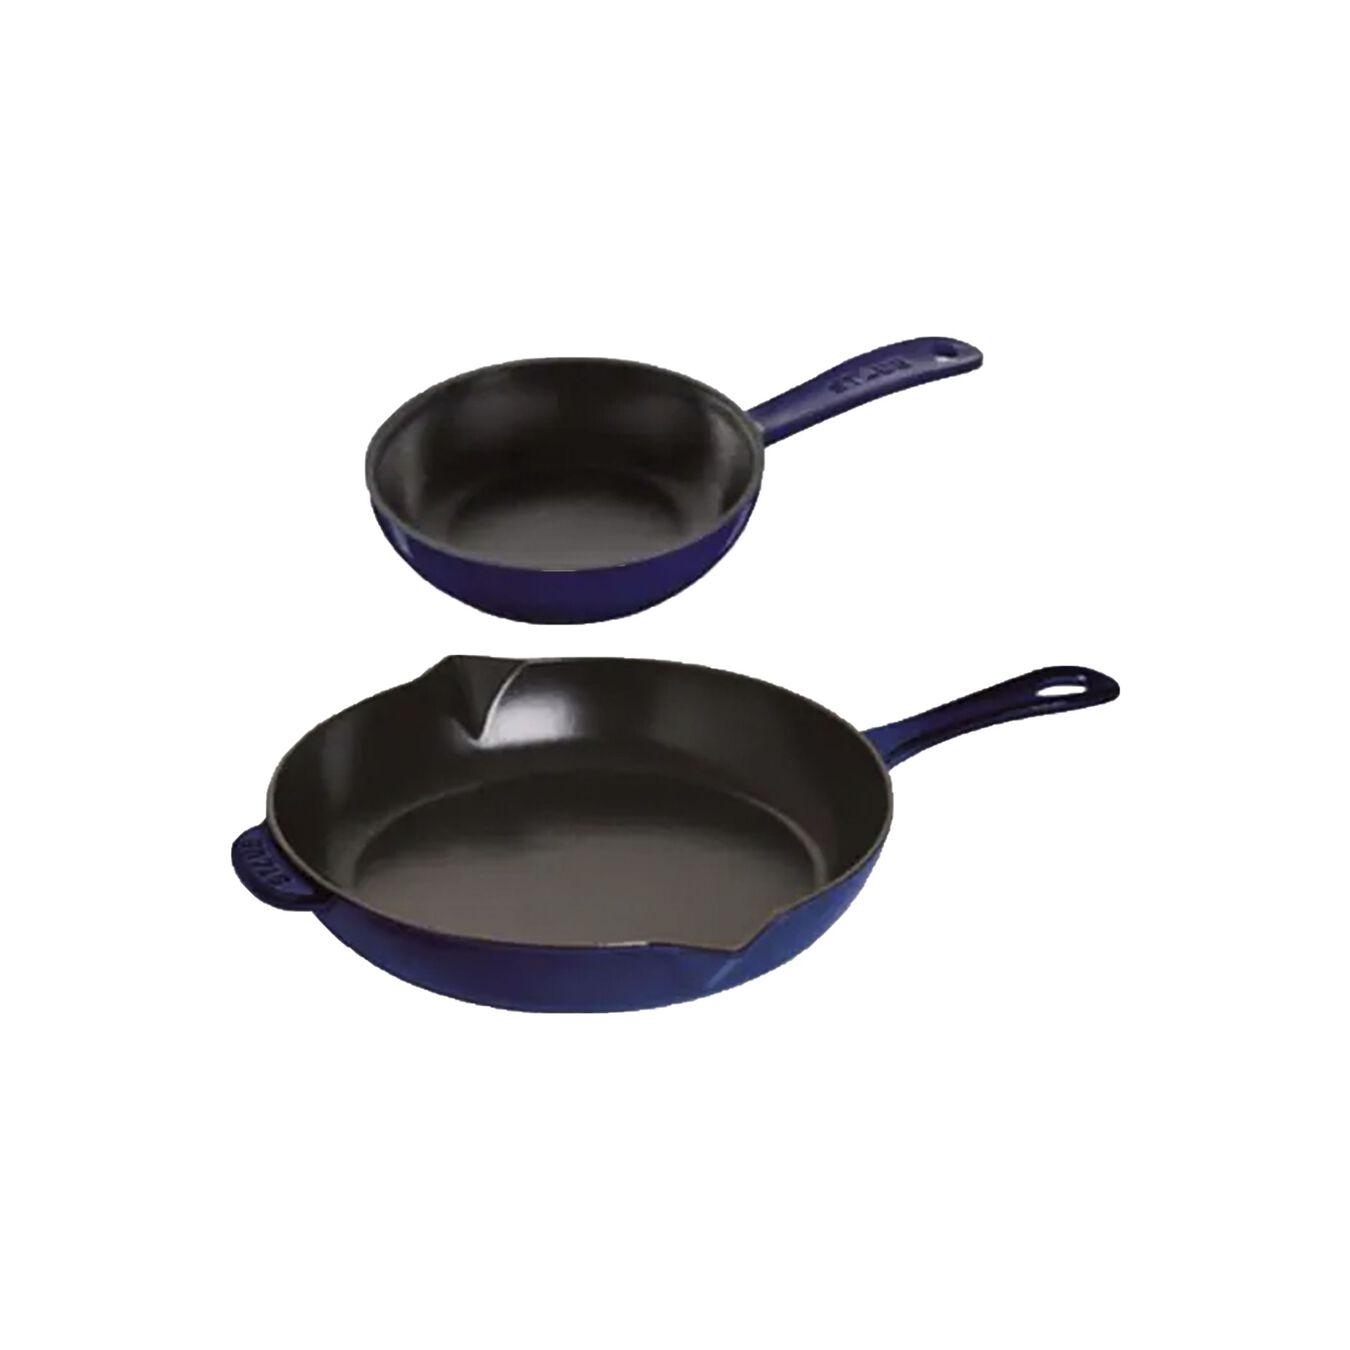 2 Piece Cast iron Frying pan set,,large 1